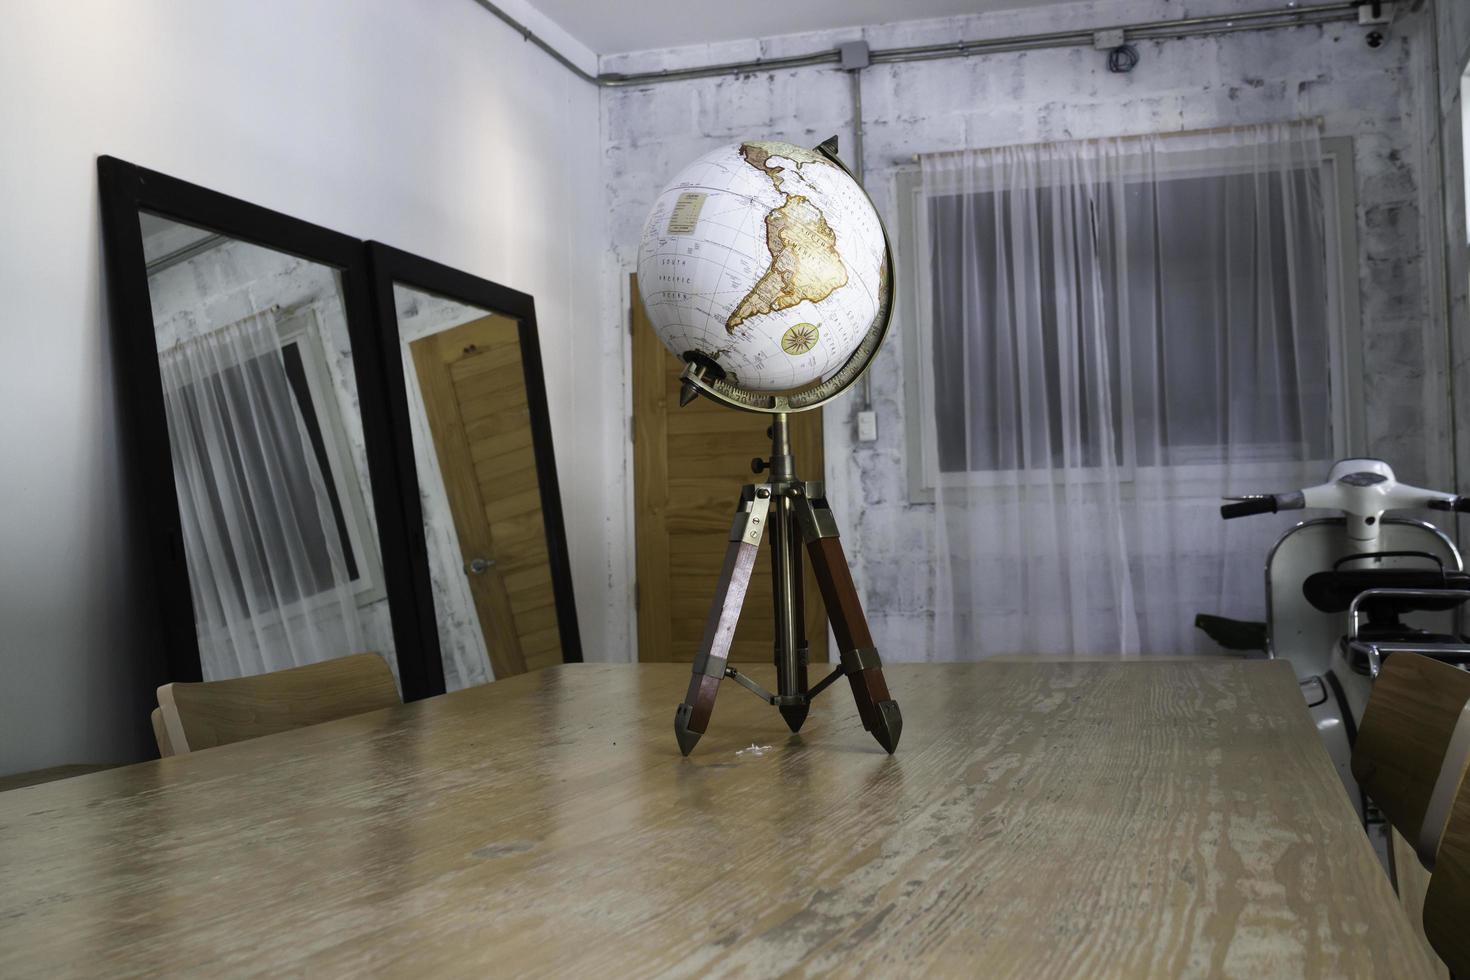 Vintage Globus oben auf dem Tisch foto